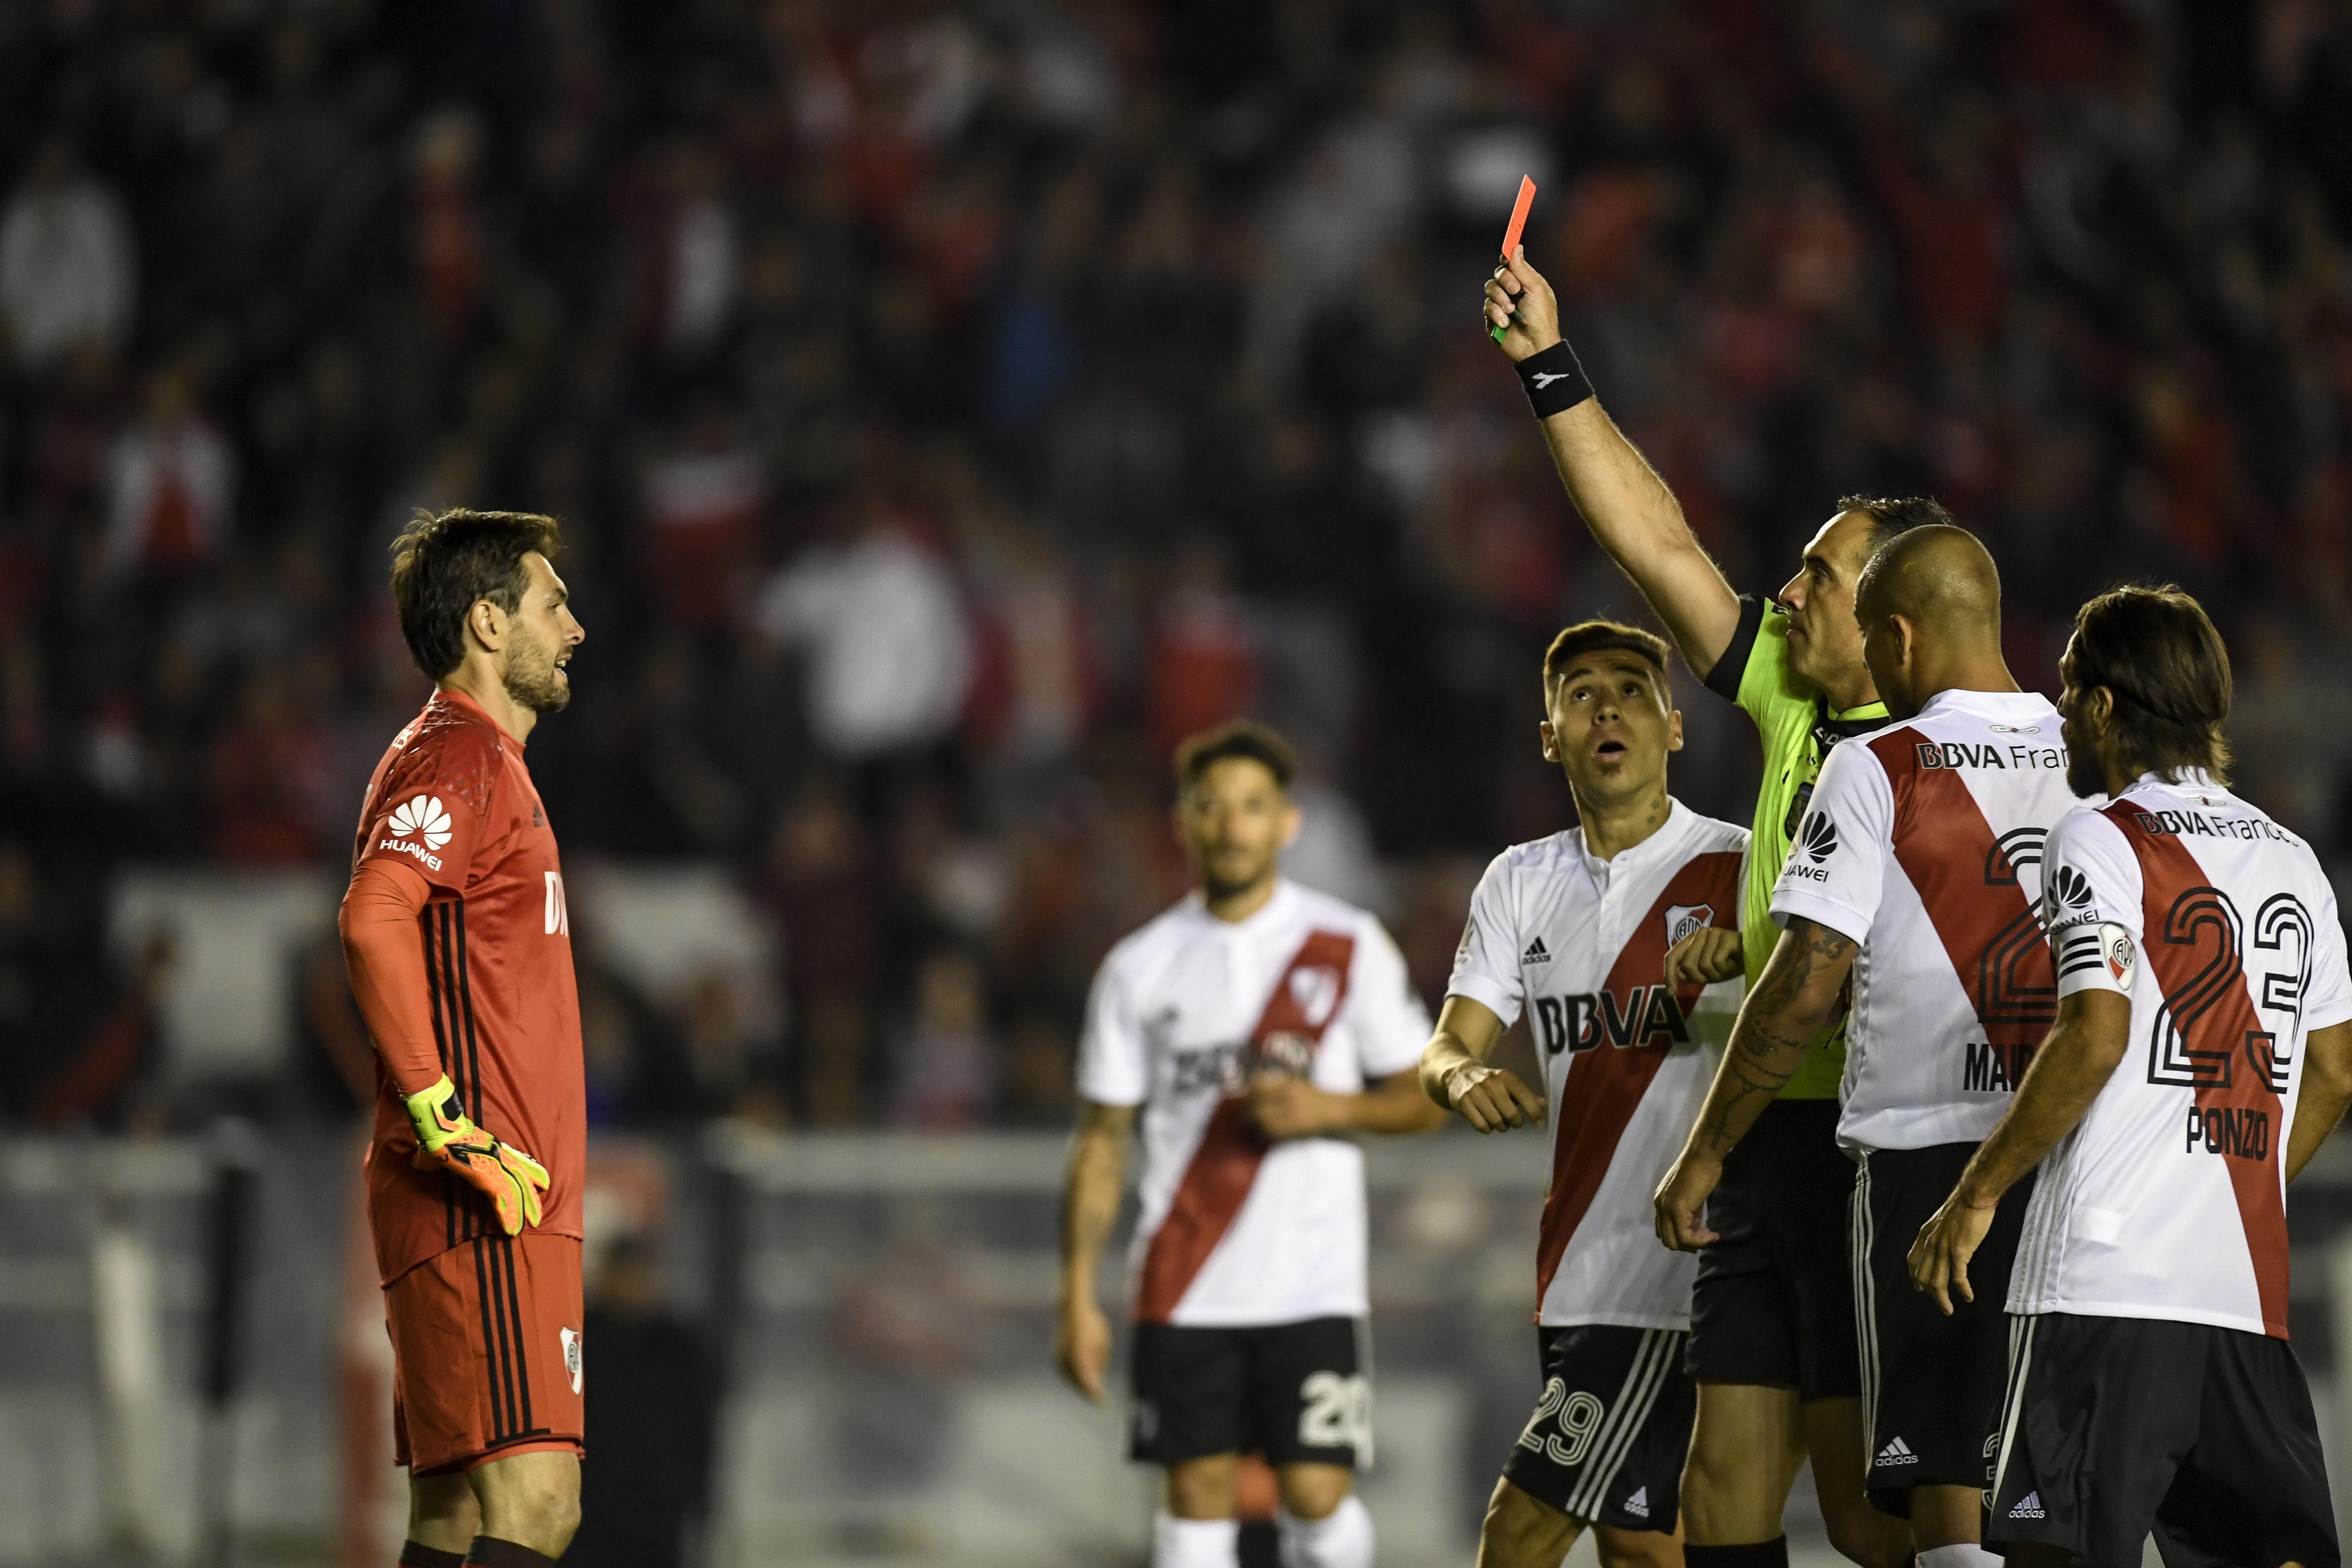 Esta noche, Independiente vs River por ECO Medios